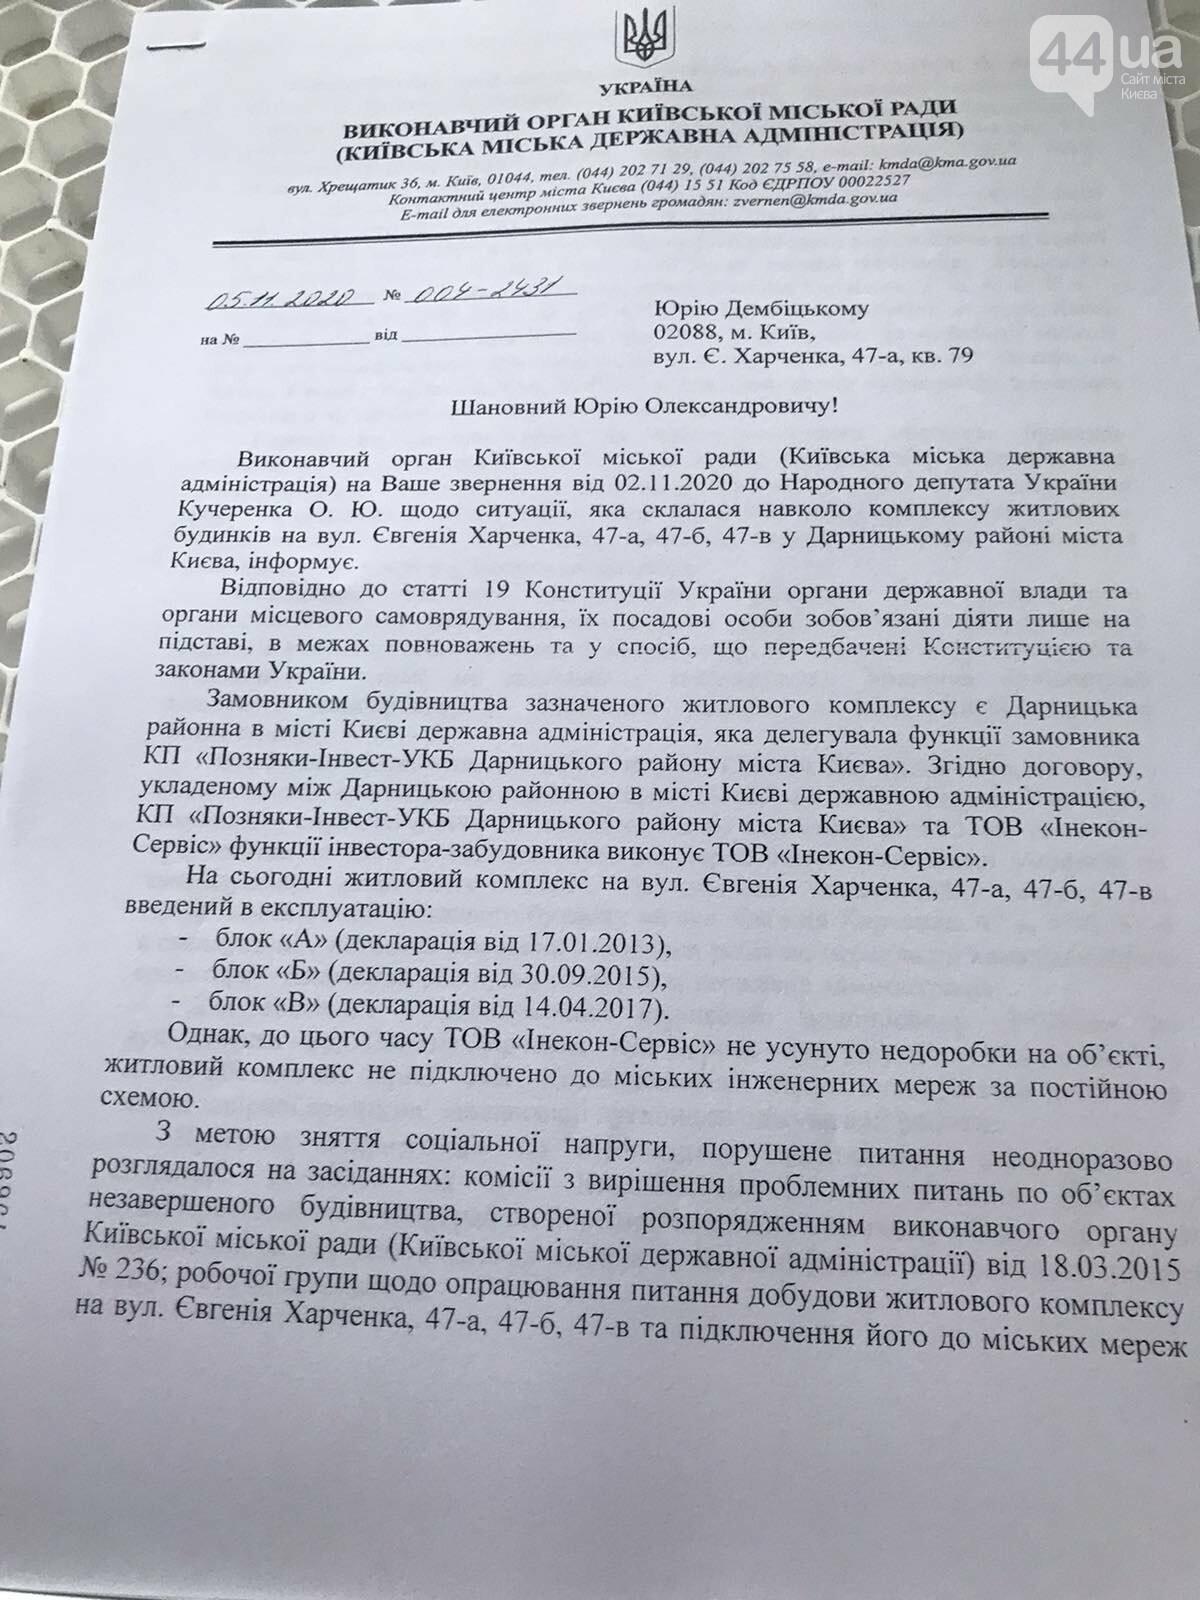 В Киеве для льготников построили жилье без воды, отопления и электричества , фото-1